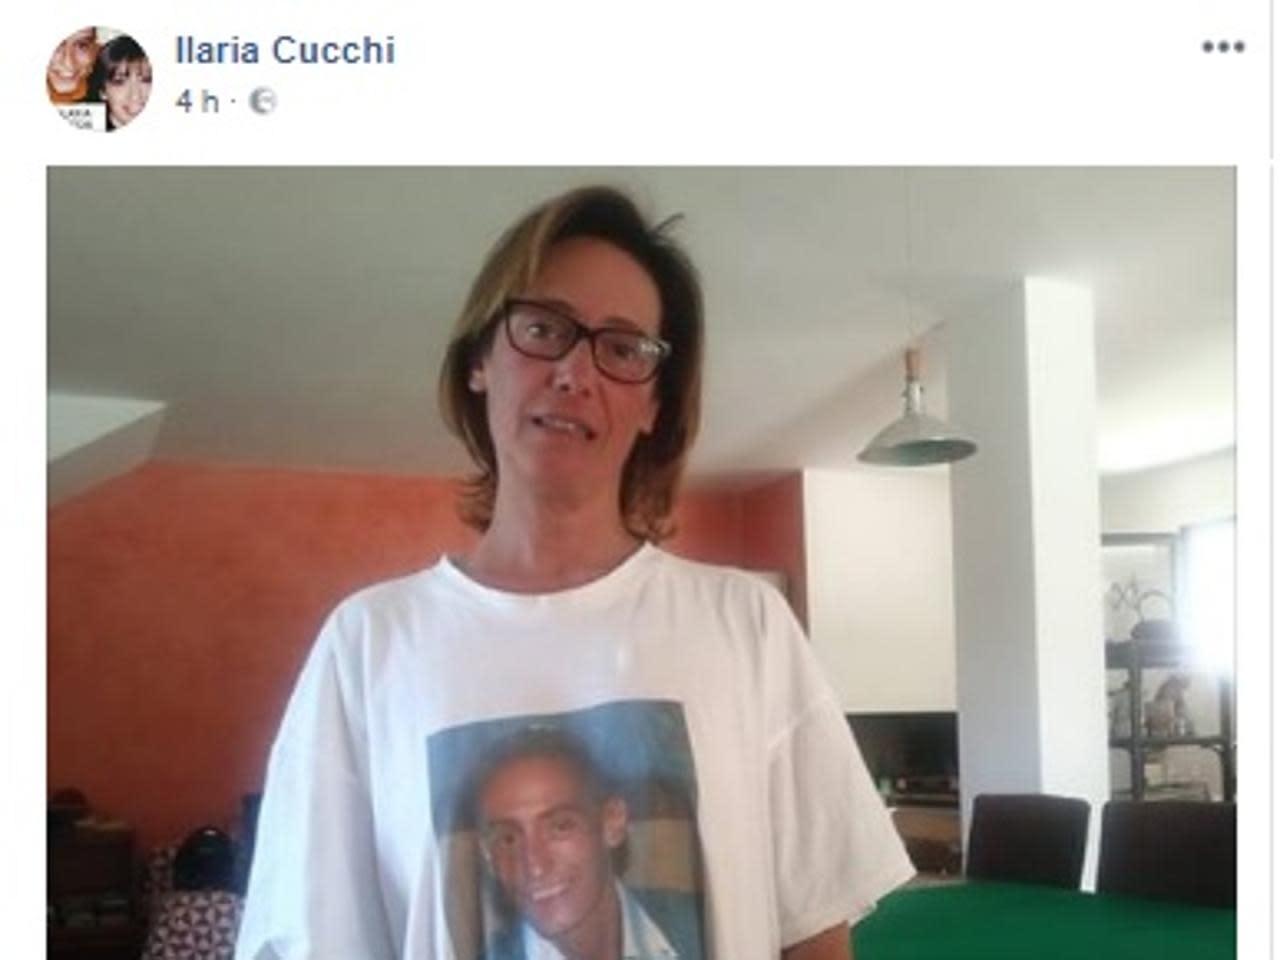 Ilaria Cucchi Facciamo Schifo Al Ministero Dell 39 Interno